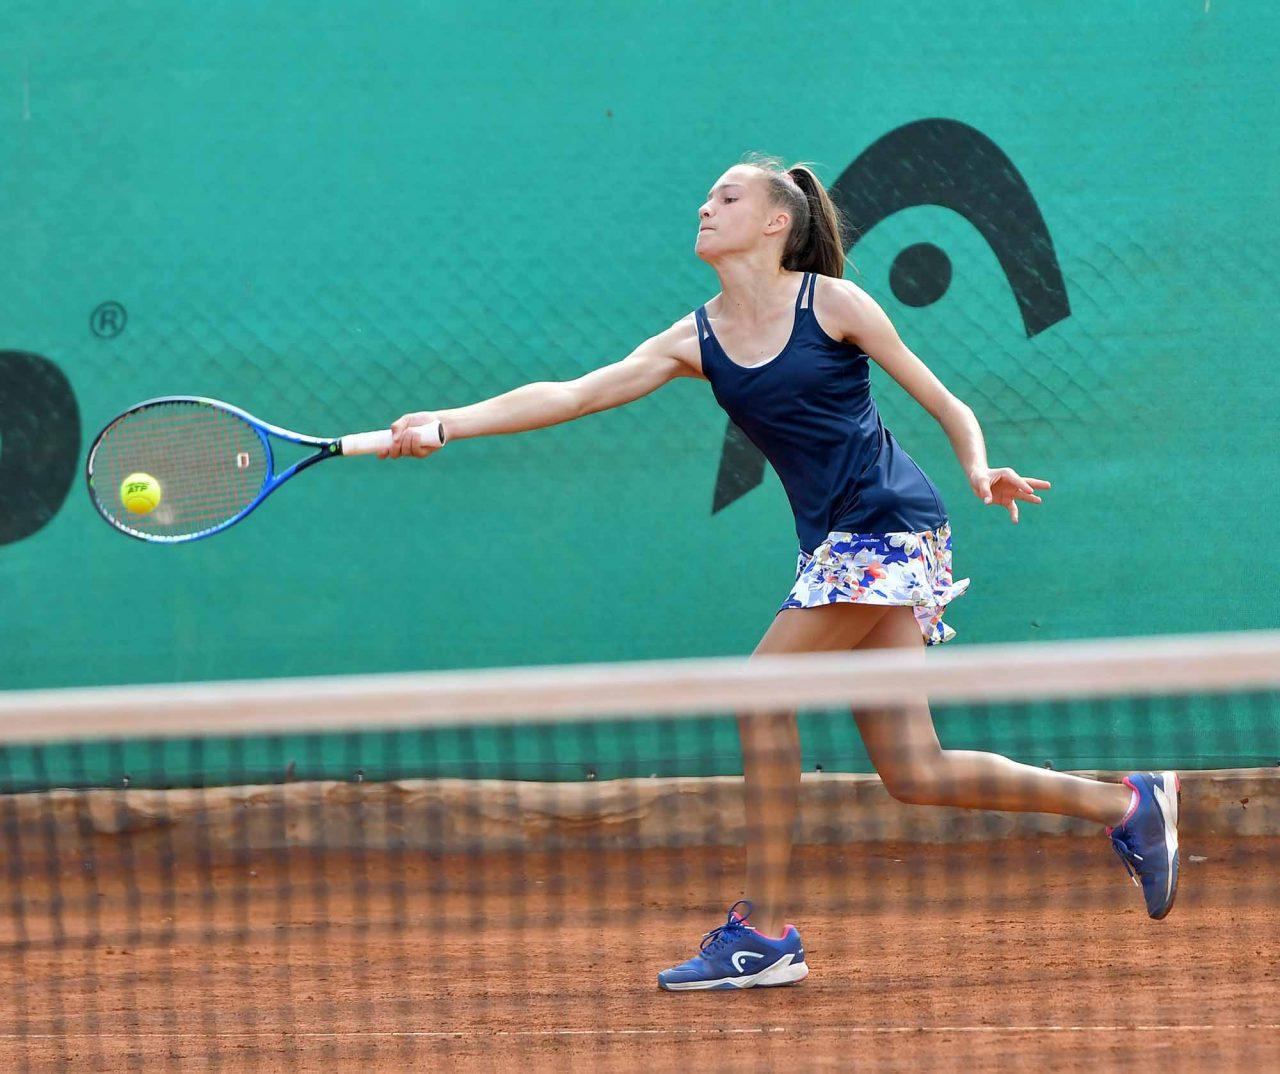 Държавно първенство тенис до 14 год. ТК 15-40 момичета (15)